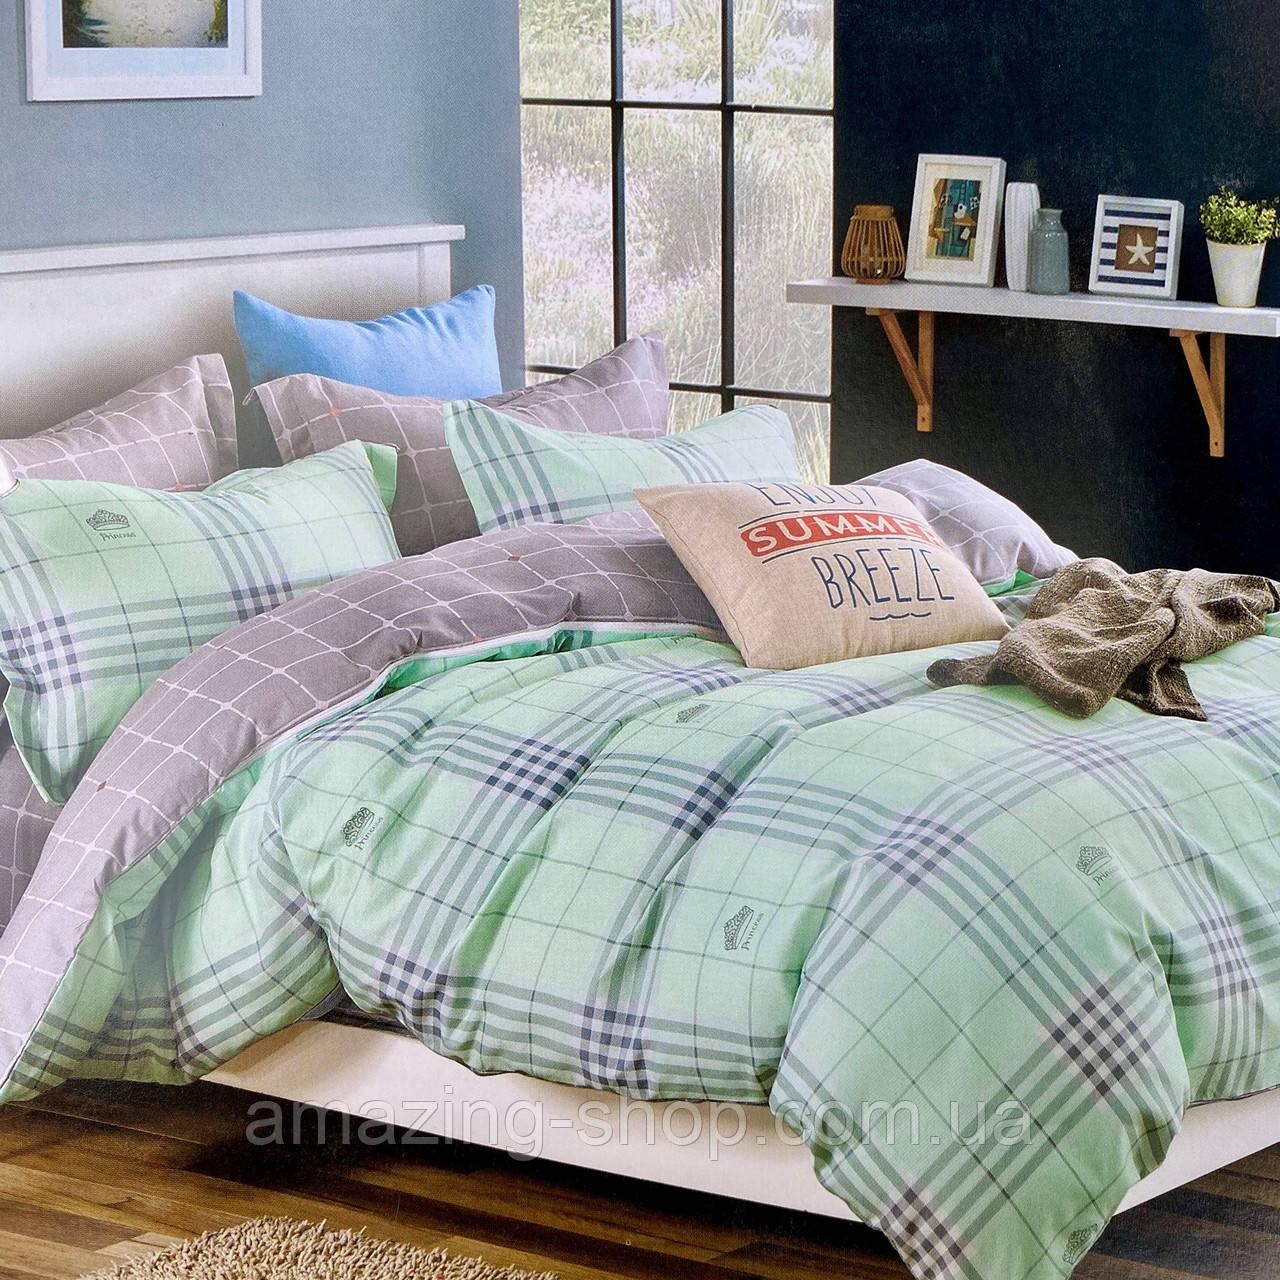 Евро комплект постельного белья 180*200+20см с простыню на резинке  Постельное белье с фланели евро размер